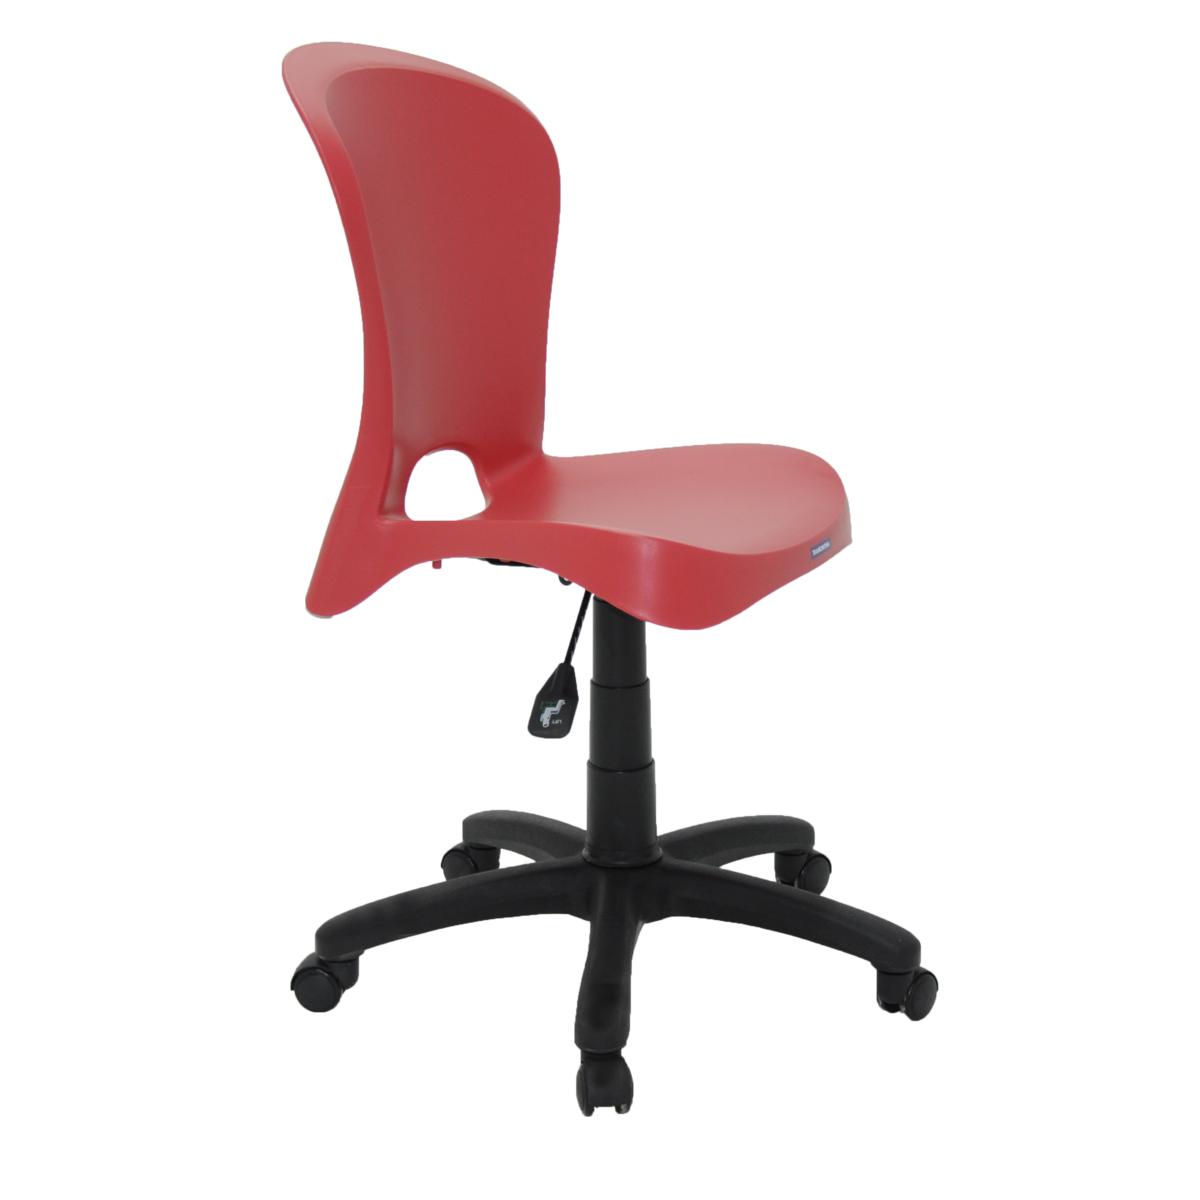 808177de0 Cadeira Tramontina Jolie Vermelha sem Braços em Polipropileno com Rodízio |  Tramontina